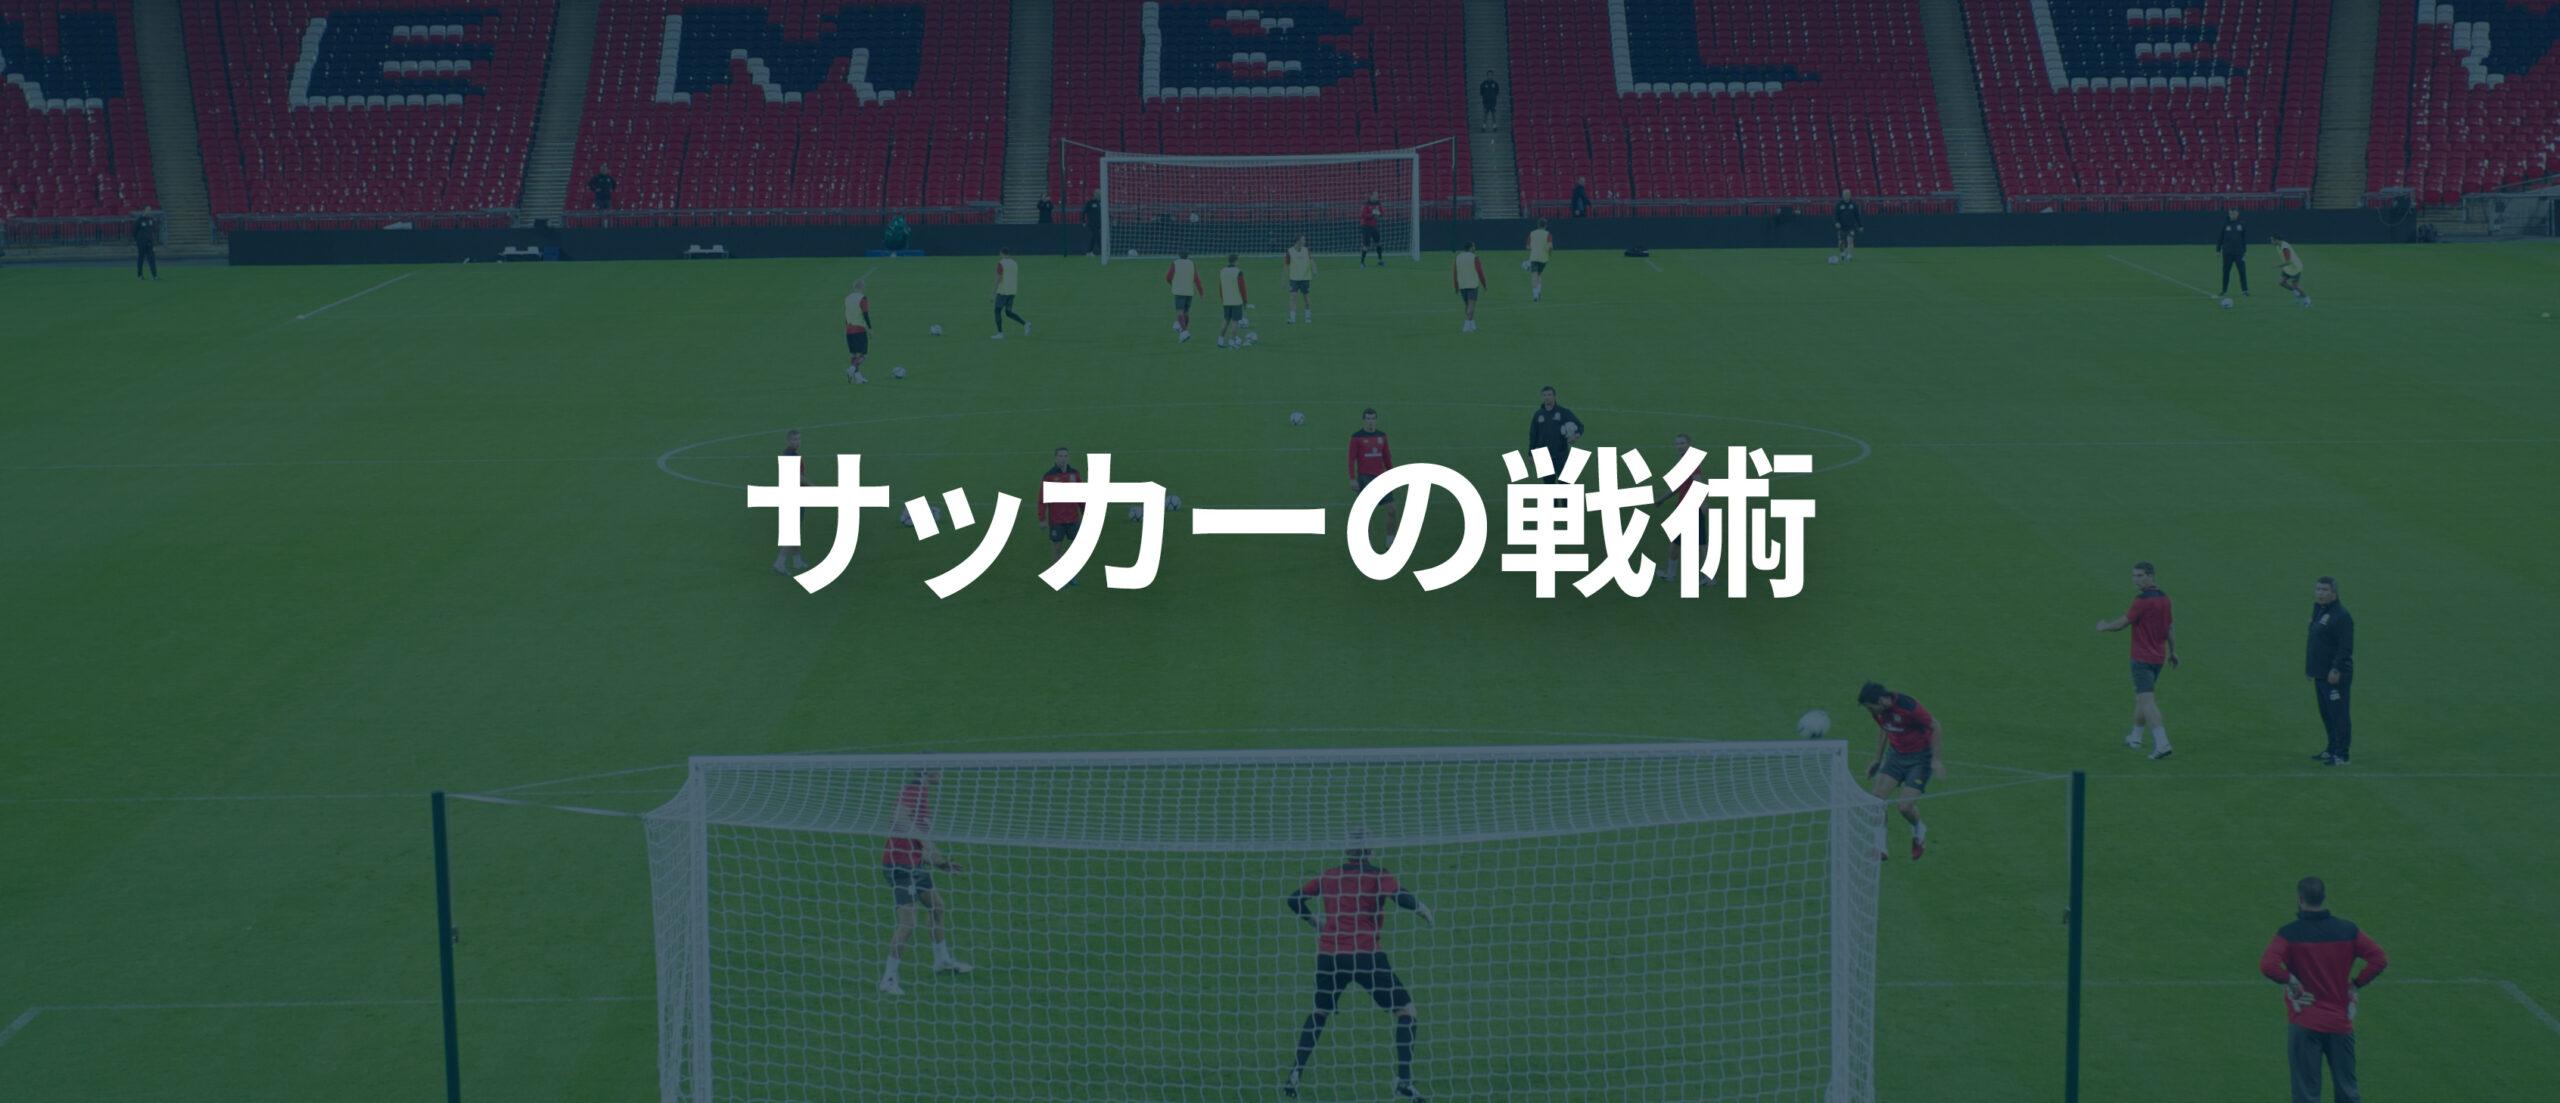 footballtacticsJP